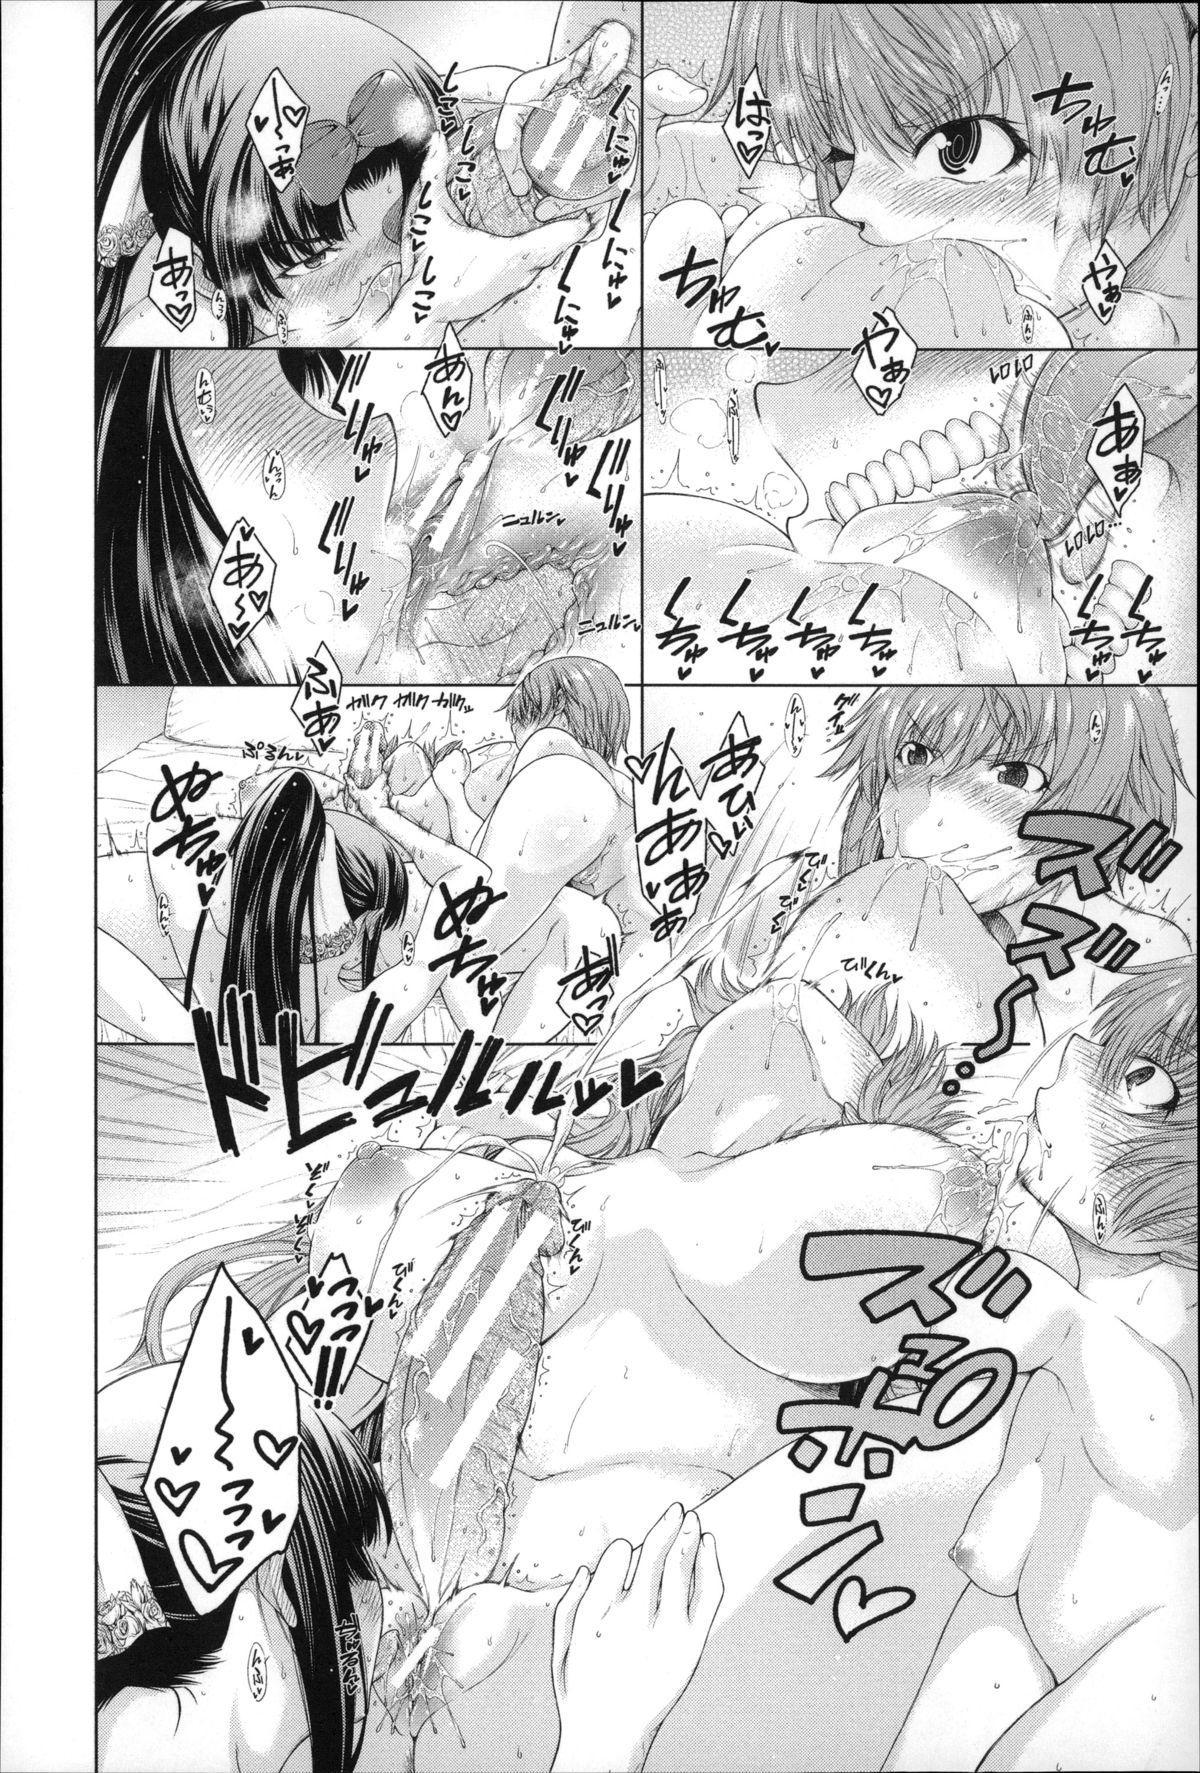 Migite ga Bishoujo ni Natta kara Sex Shita kedo Doutei dayone!! 126